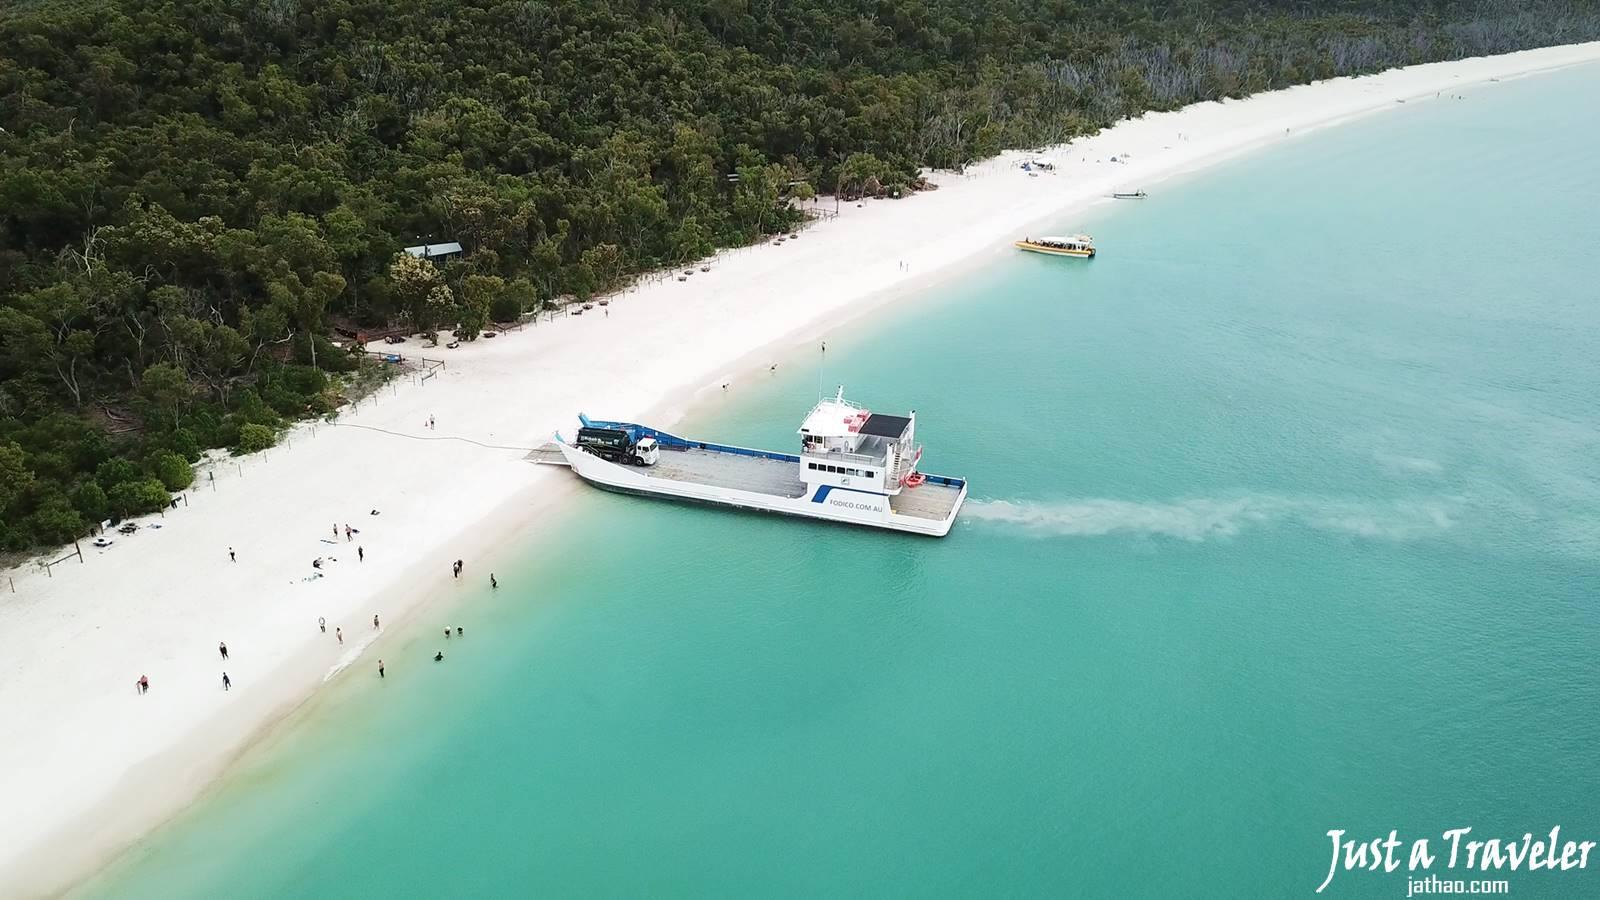 聖靈群島-景點-推薦-白天堂海灘-Whitehaven-Beach-白天堂沙灘-必玩-必去-必遊-好玩-自由行-自助-行程-遊記-旅遊-澳洲-Whitsundays-Travel-Attraction-Australia